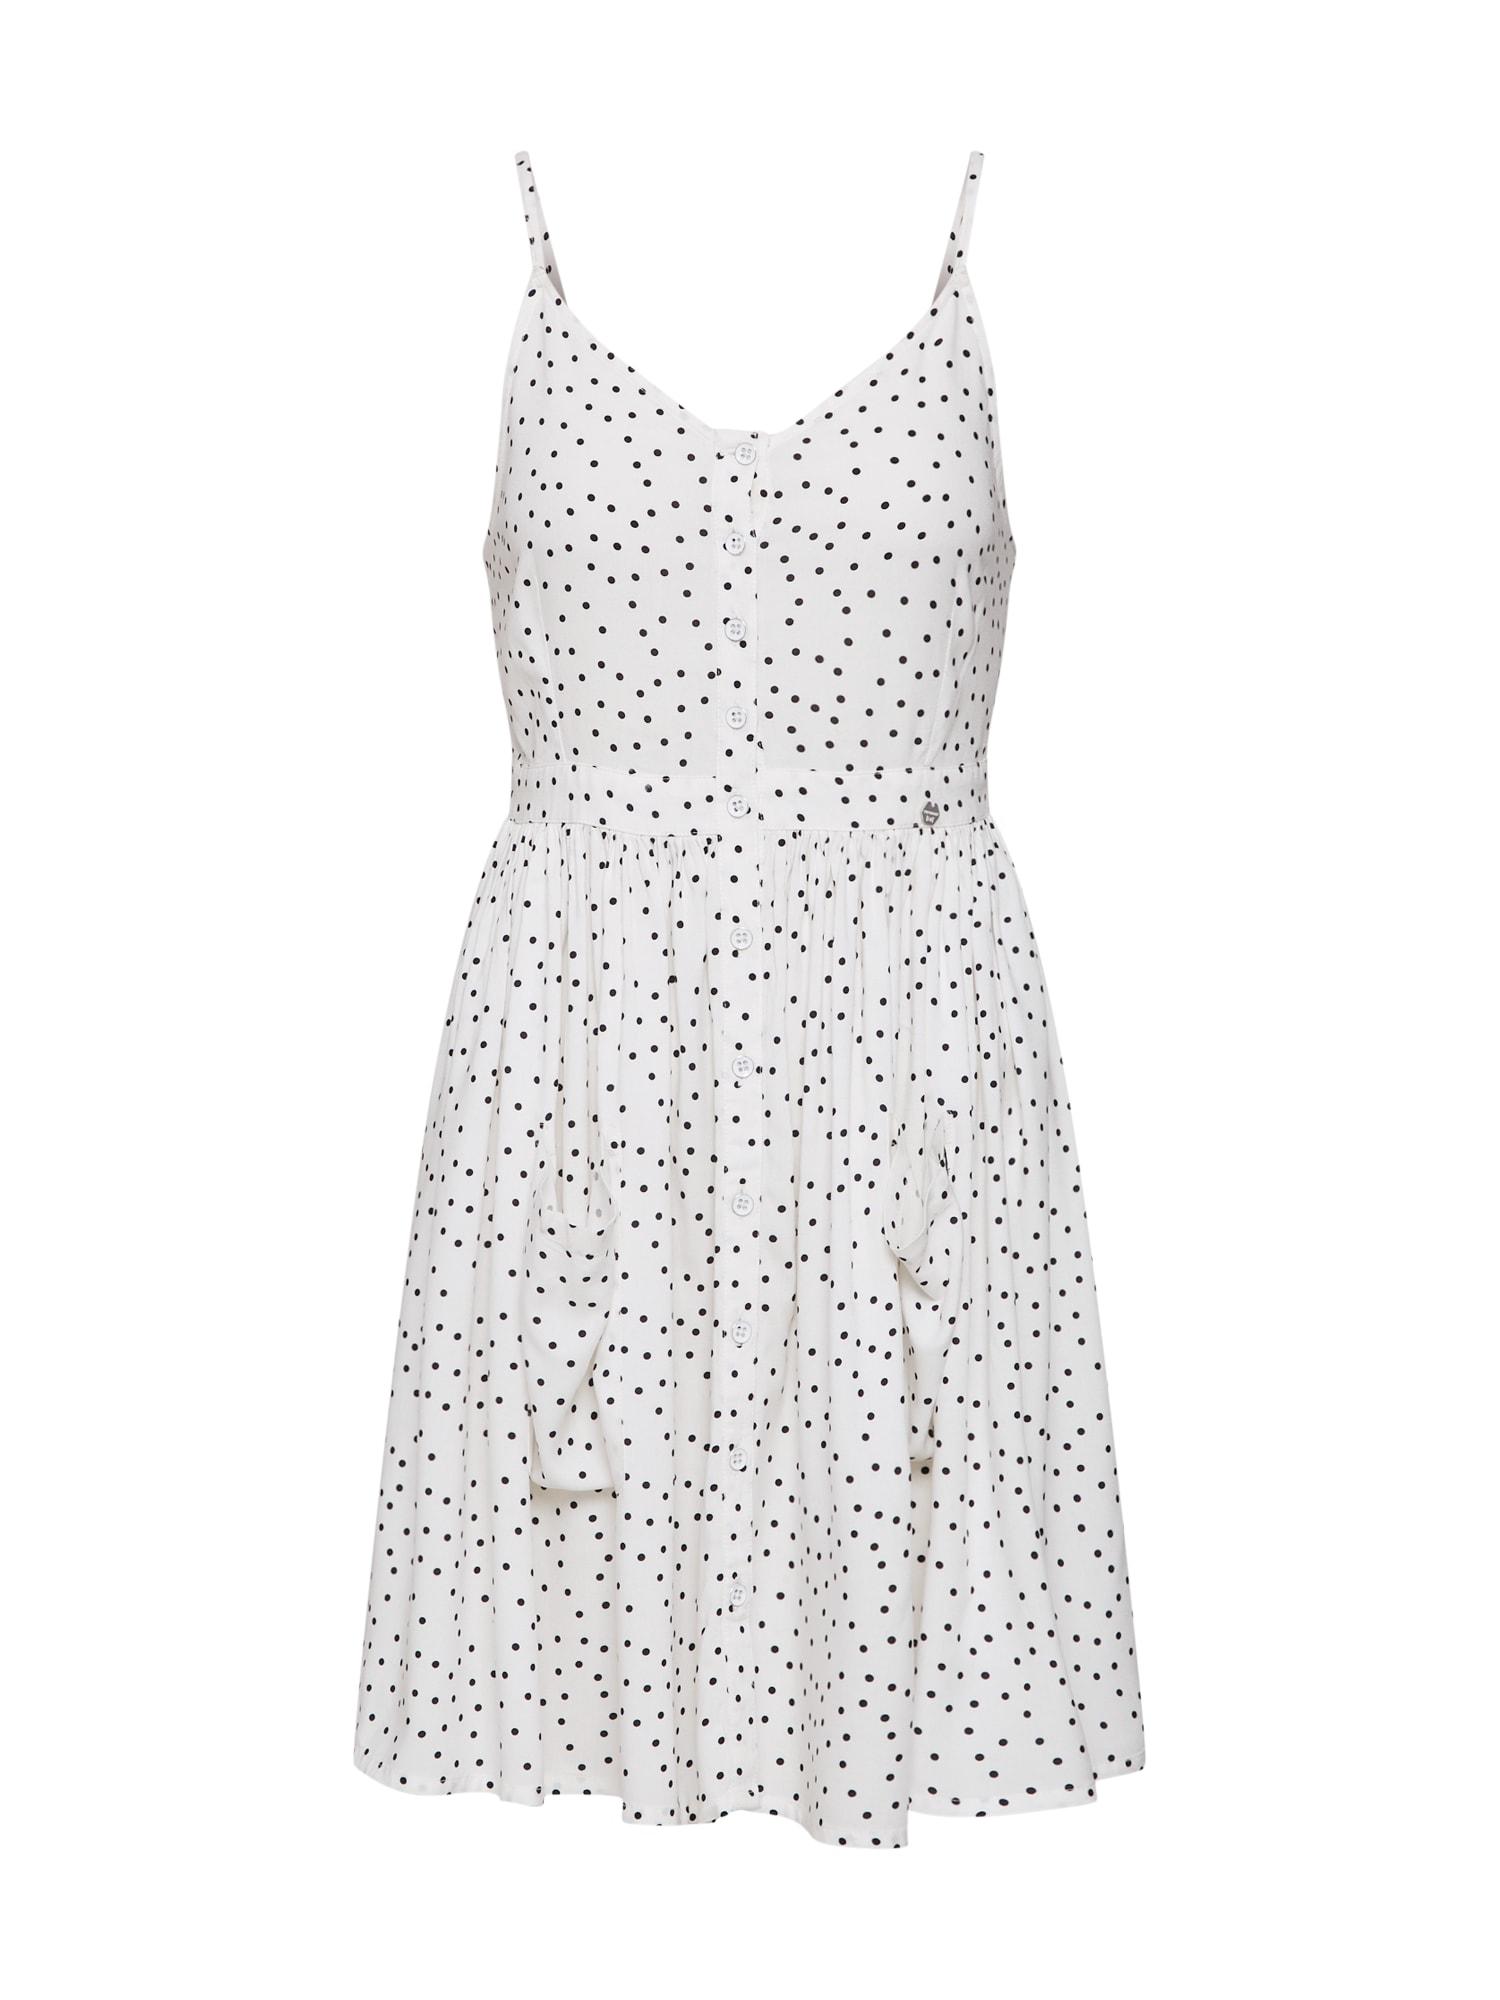 Letní šaty Amelie černá bílá Superdry